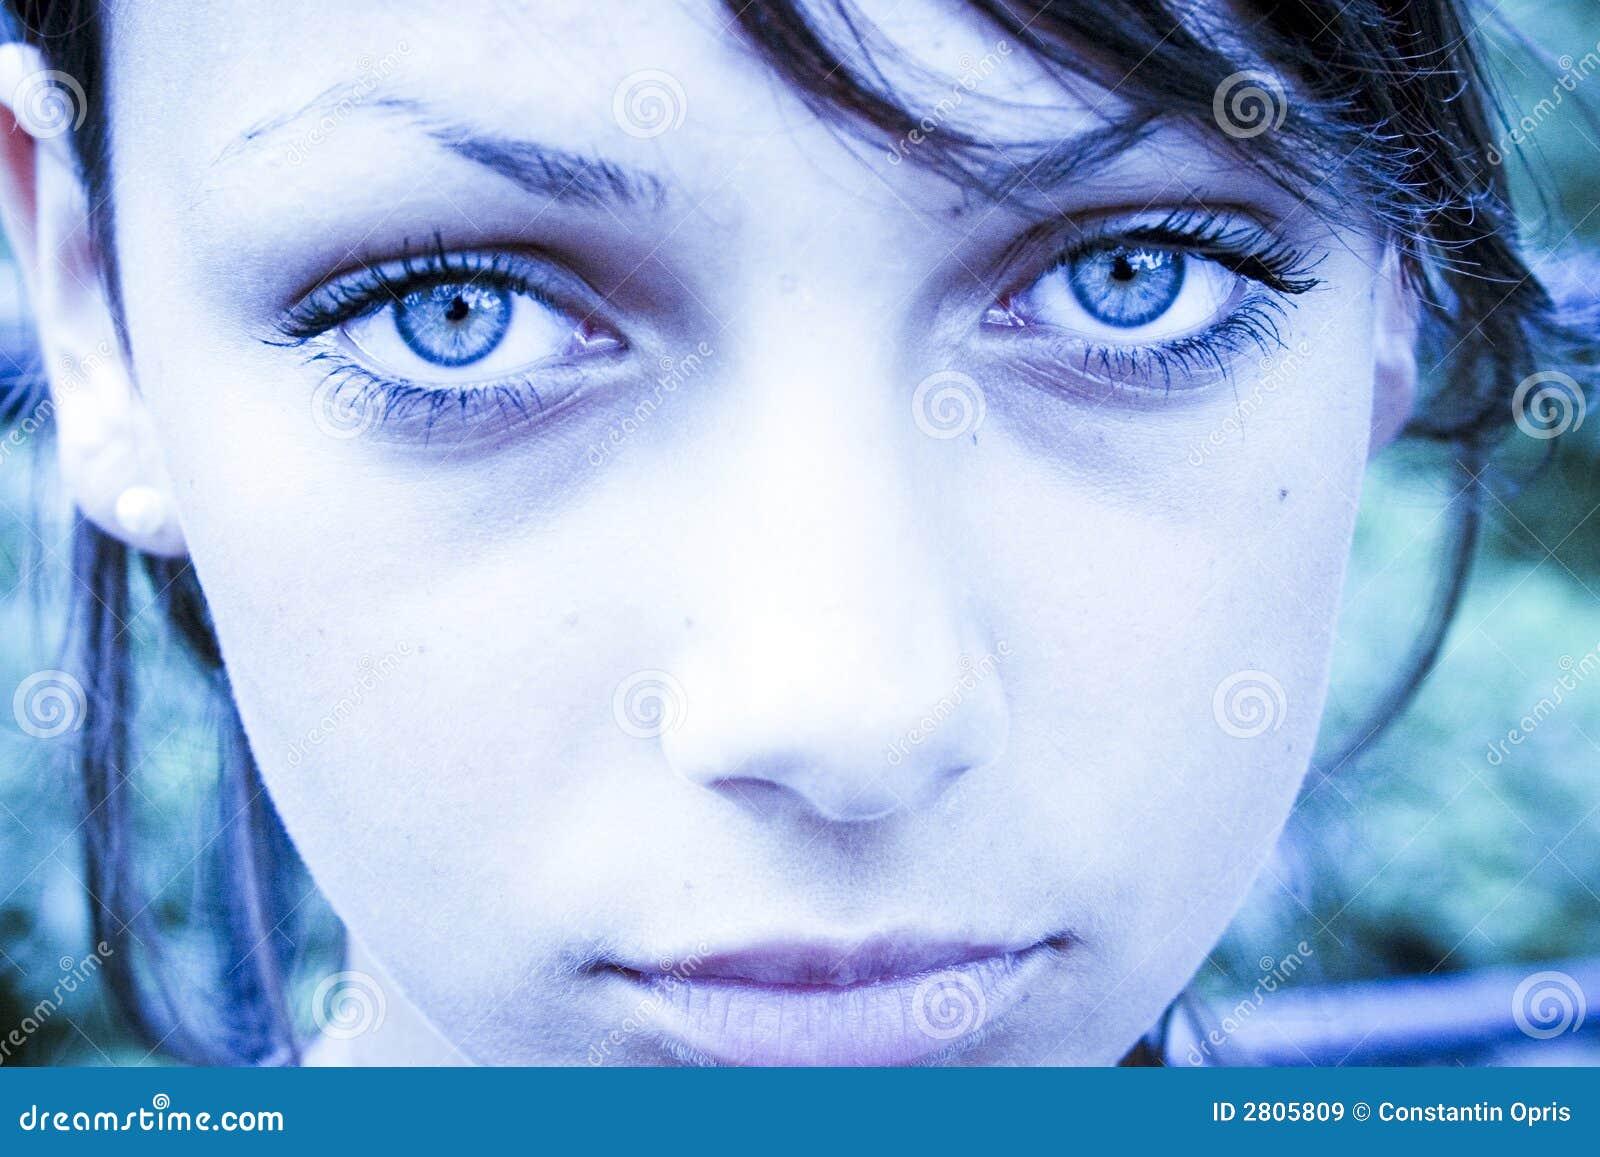 sad blue eyes royalty free stock images image 2805809. Black Bedroom Furniture Sets. Home Design Ideas